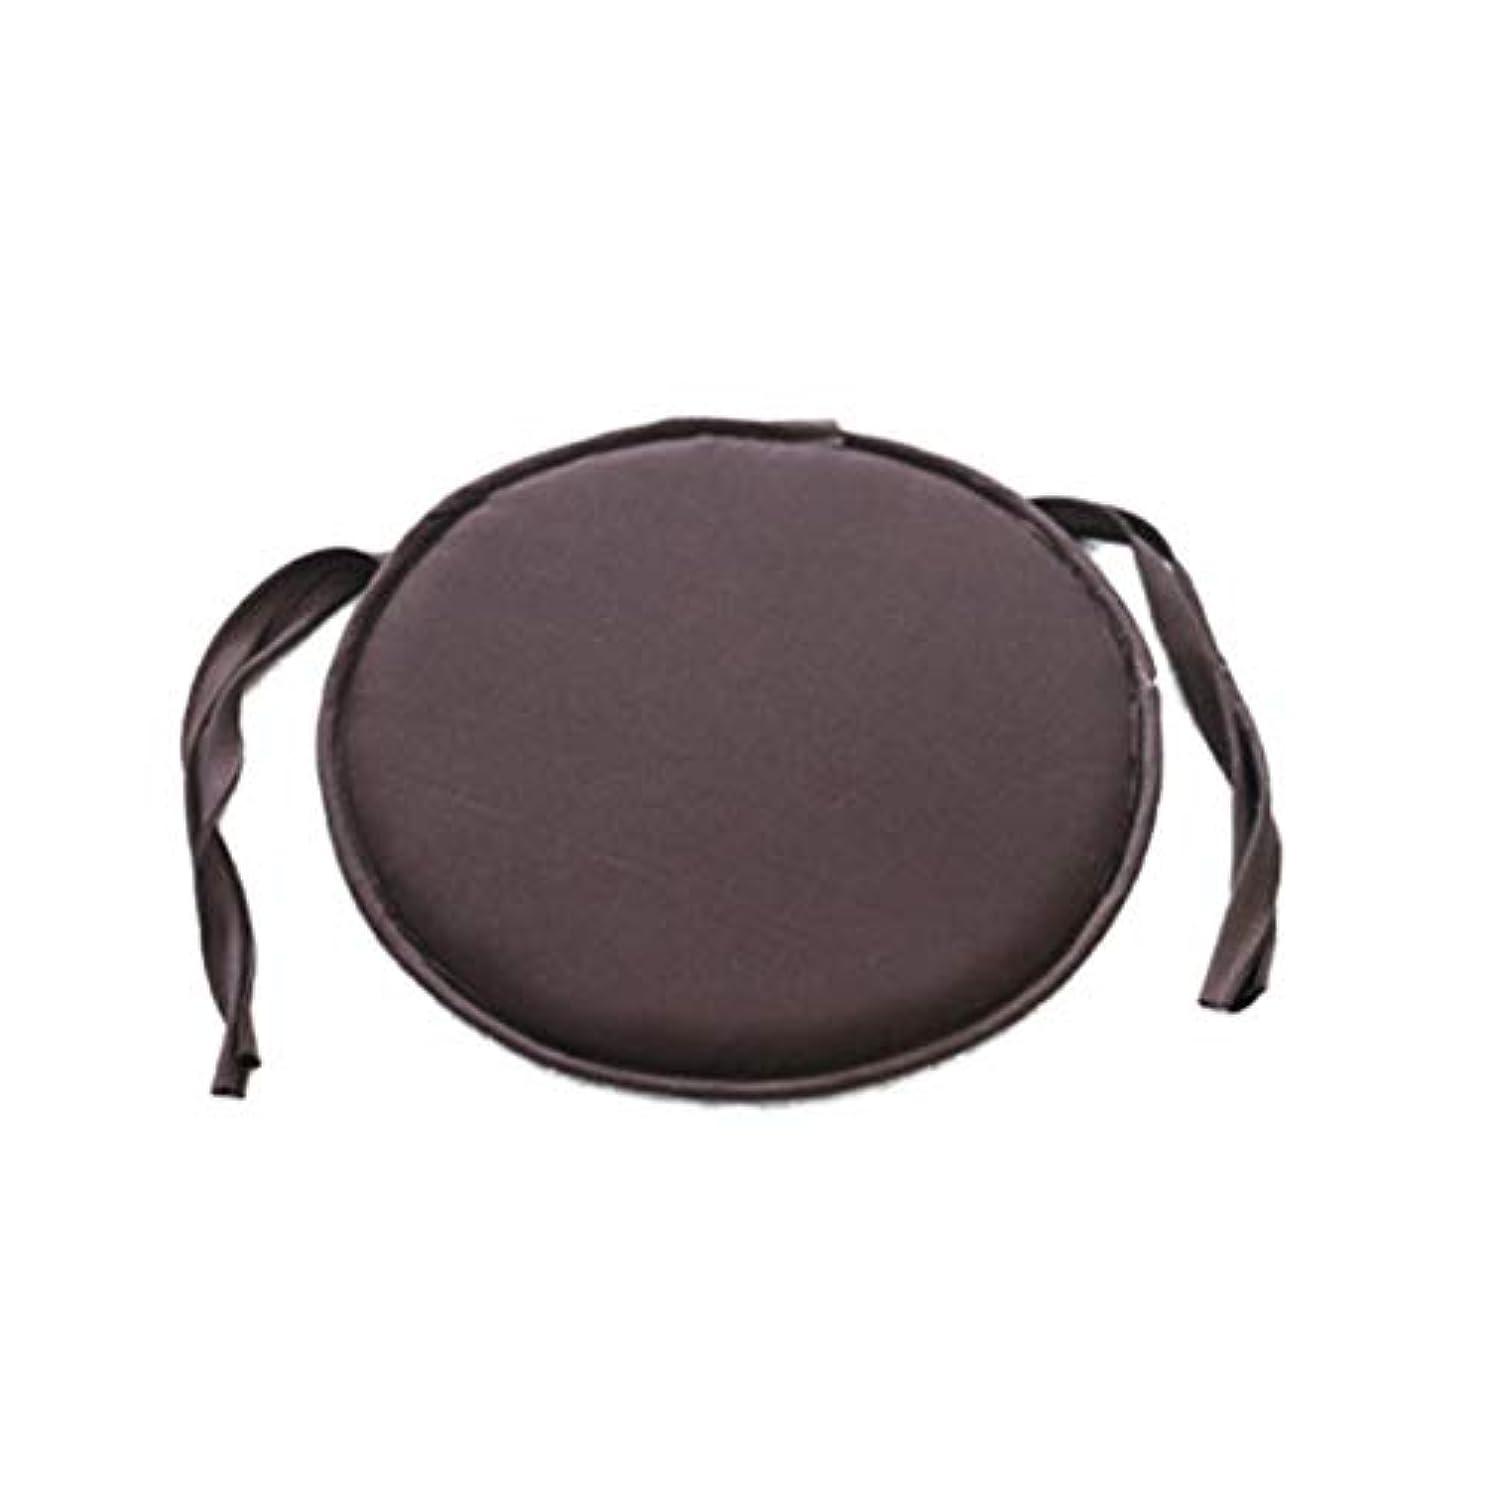 方程式以前はジーンズLIFE ホット販売ラウンドチェアクッション屋内ポップパティオオフィスチェアシートパッドネクタイスクエアガーデンキッチンダイニングクッション クッション 椅子